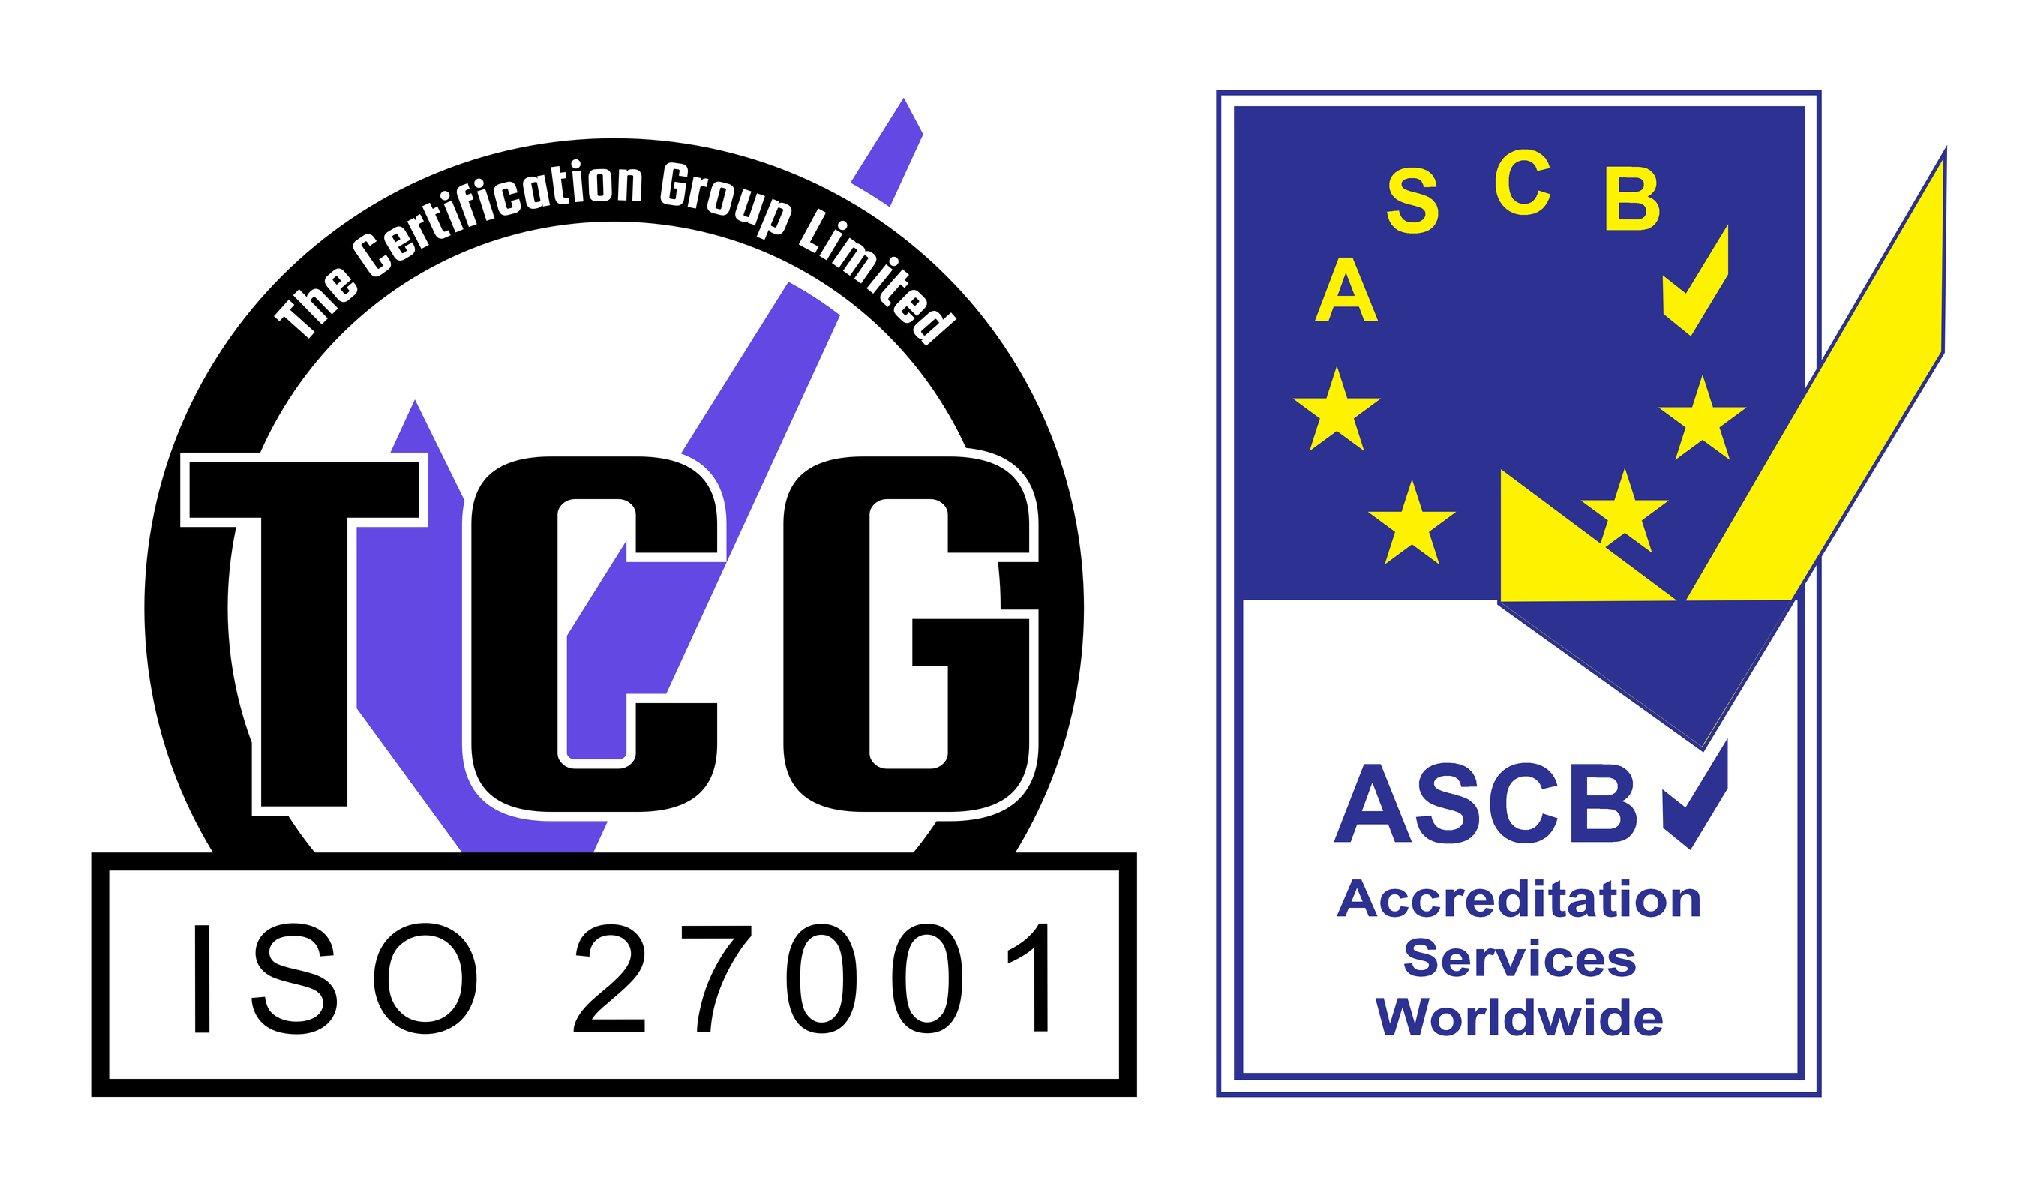 27001_ASCB